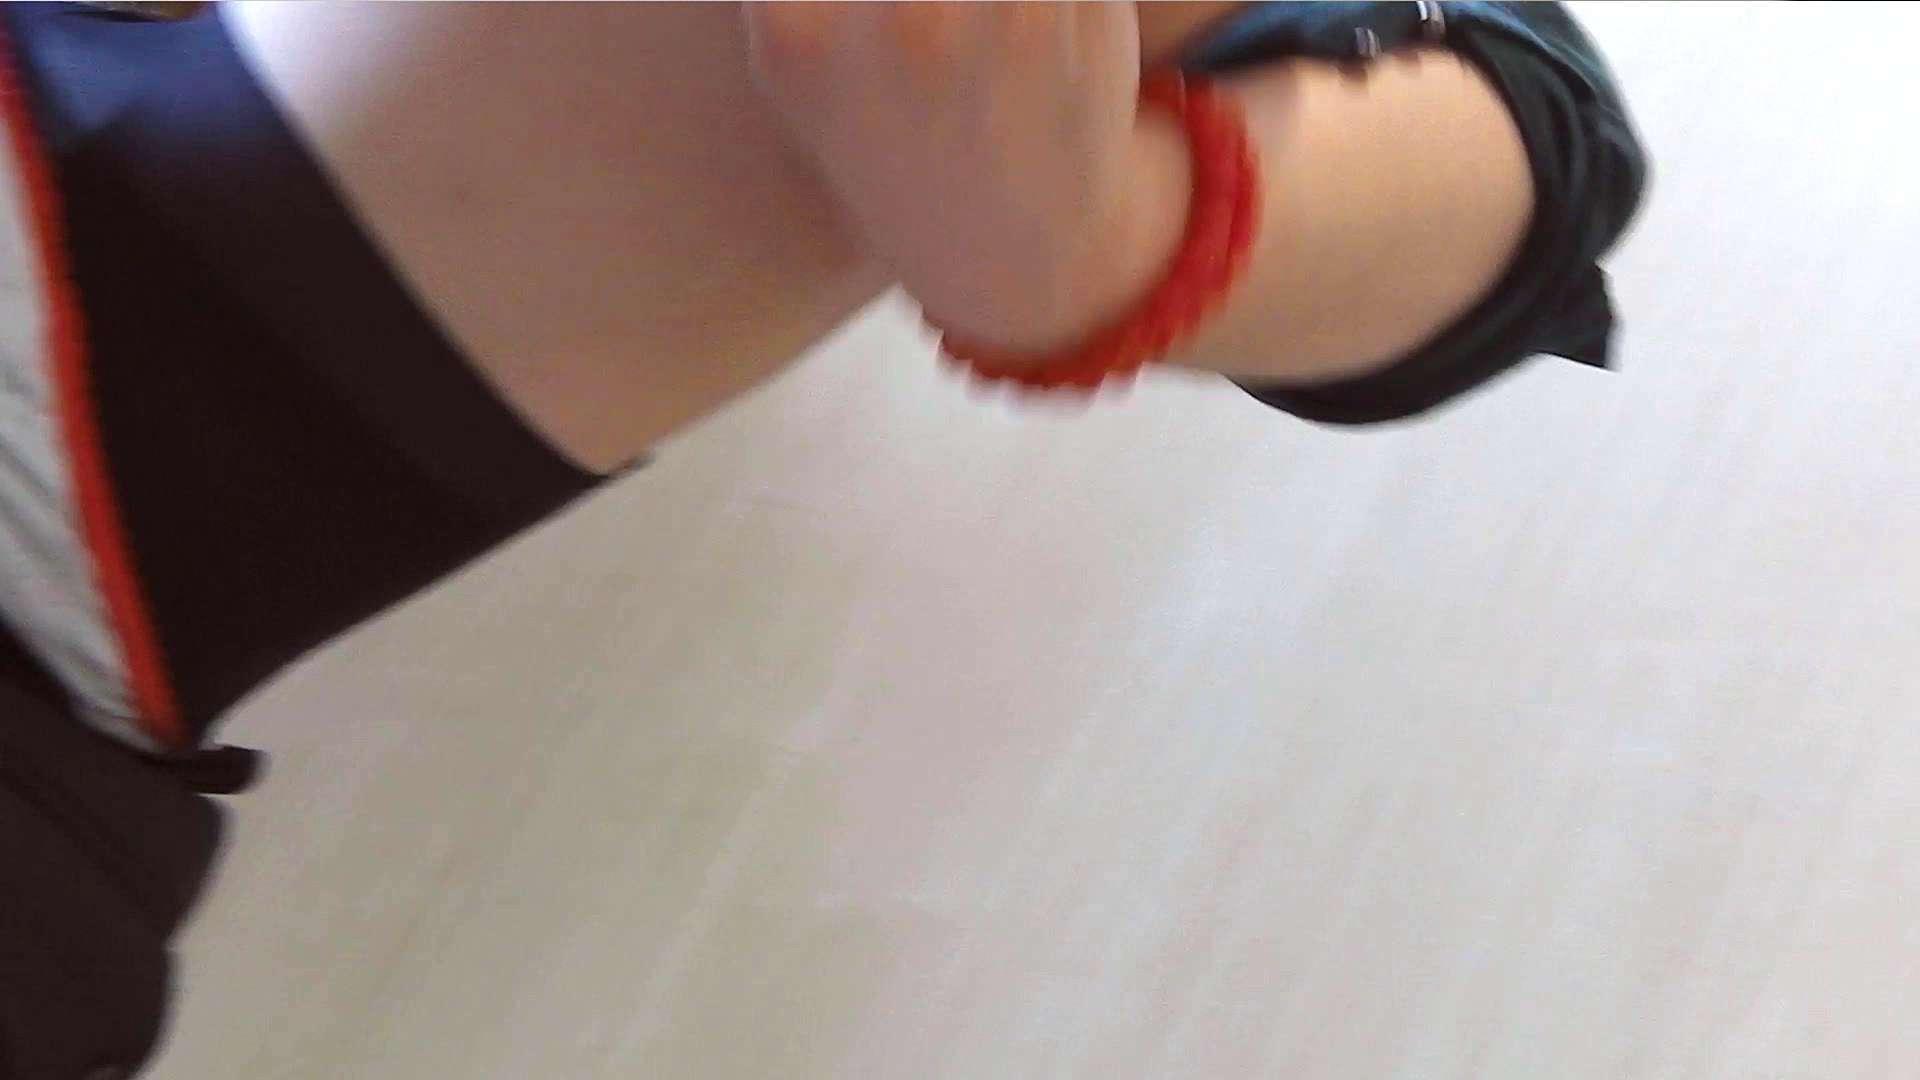 阿国ちゃんの「和式洋式七変化」No.1 洗面所  113pic 13